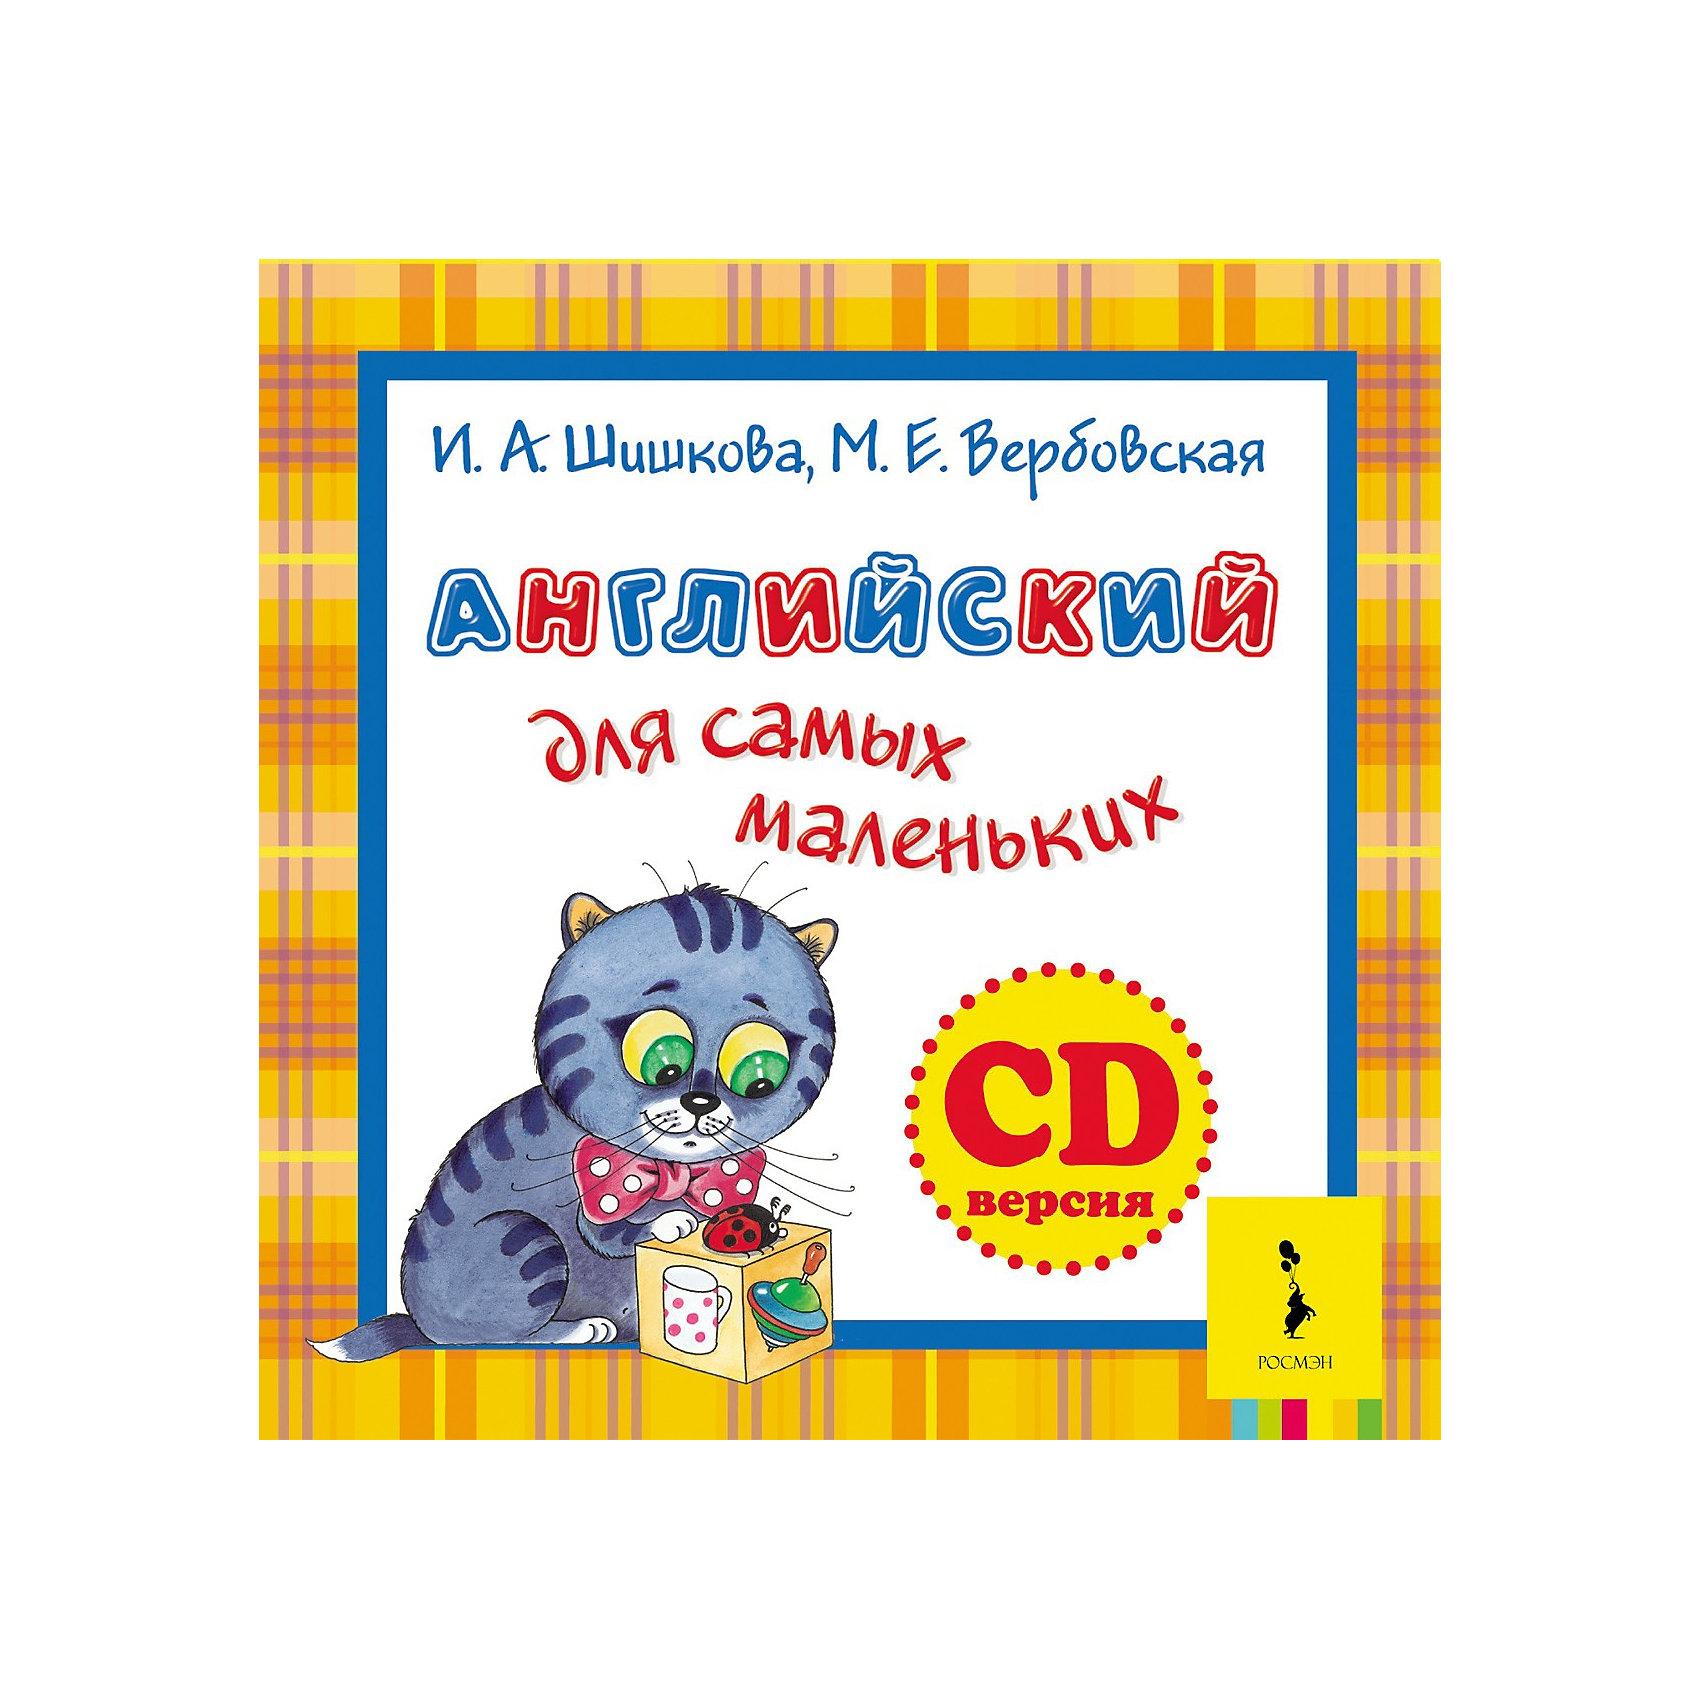 CD Английский для самых маленьких, Н. ШишковаКомпакт диск является аудиоприложением к учебнику, который также входит в состав учебного комплекта Английский для самых маленьких( приобретается отдельно).<br><br>Дополнительная информация: <br><br>- Размер: 12x12 см.<br>- Учебник приобретается отдельно. <br>- Автор: И. А. Шишкова, М. Е. Вербовская.<br>- Формат: CD-аудио.<br><br>CD Шишковой  Английский для самых маленьких, Росмэн можно купить в нашем магазине.<br><br>Ширина мм: 140<br>Глубина мм: 125<br>Высота мм: 12<br>Вес г: 80<br>Возраст от месяцев: 36<br>Возраст до месяцев: 924<br>Пол: Унисекс<br>Возраст: Детский<br>SKU: 3868071